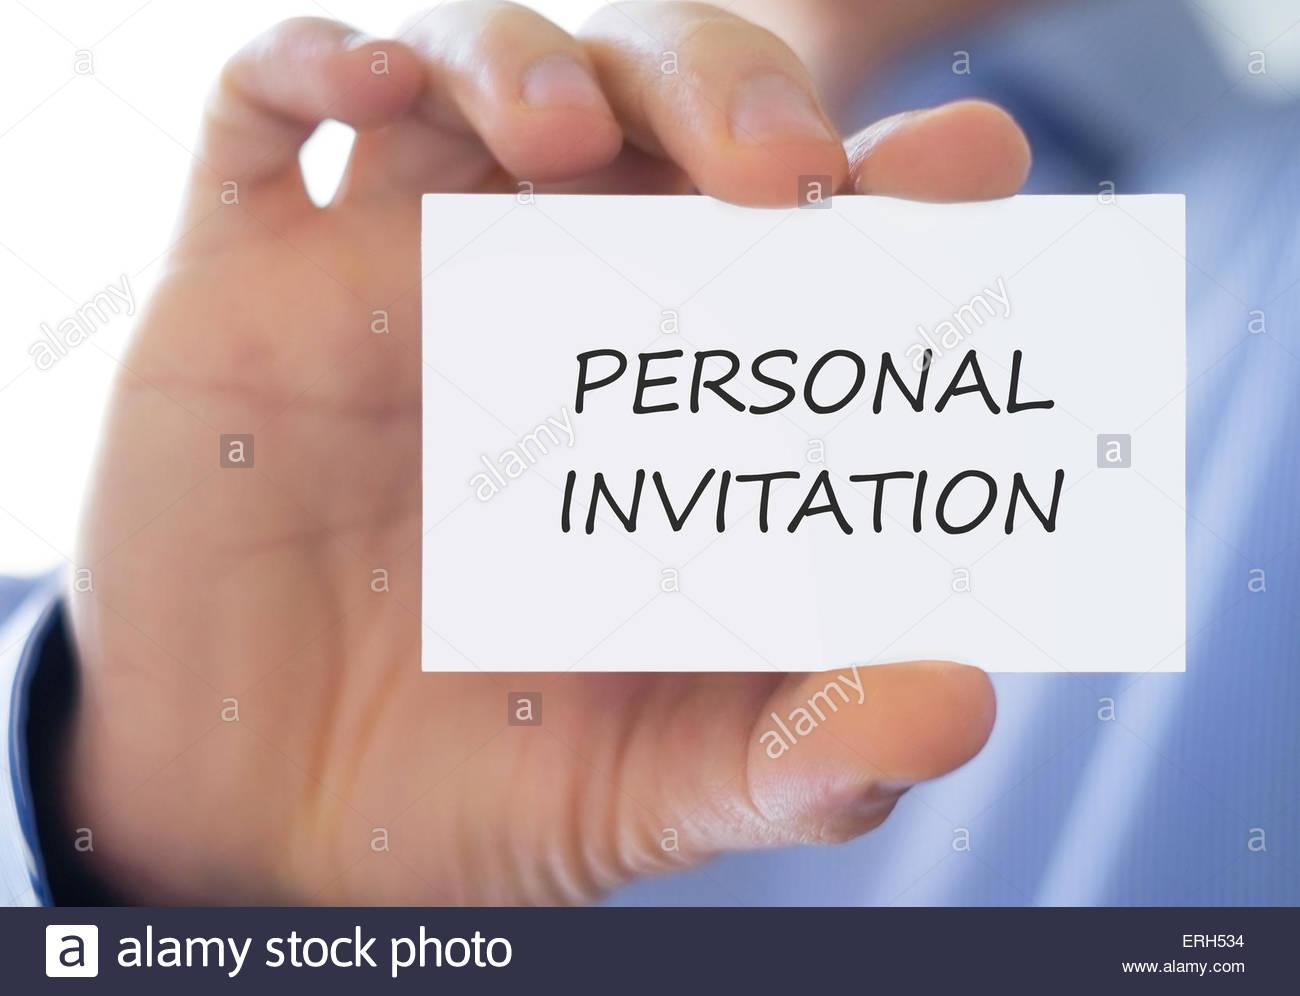 Invitación personal Imagen De Stock